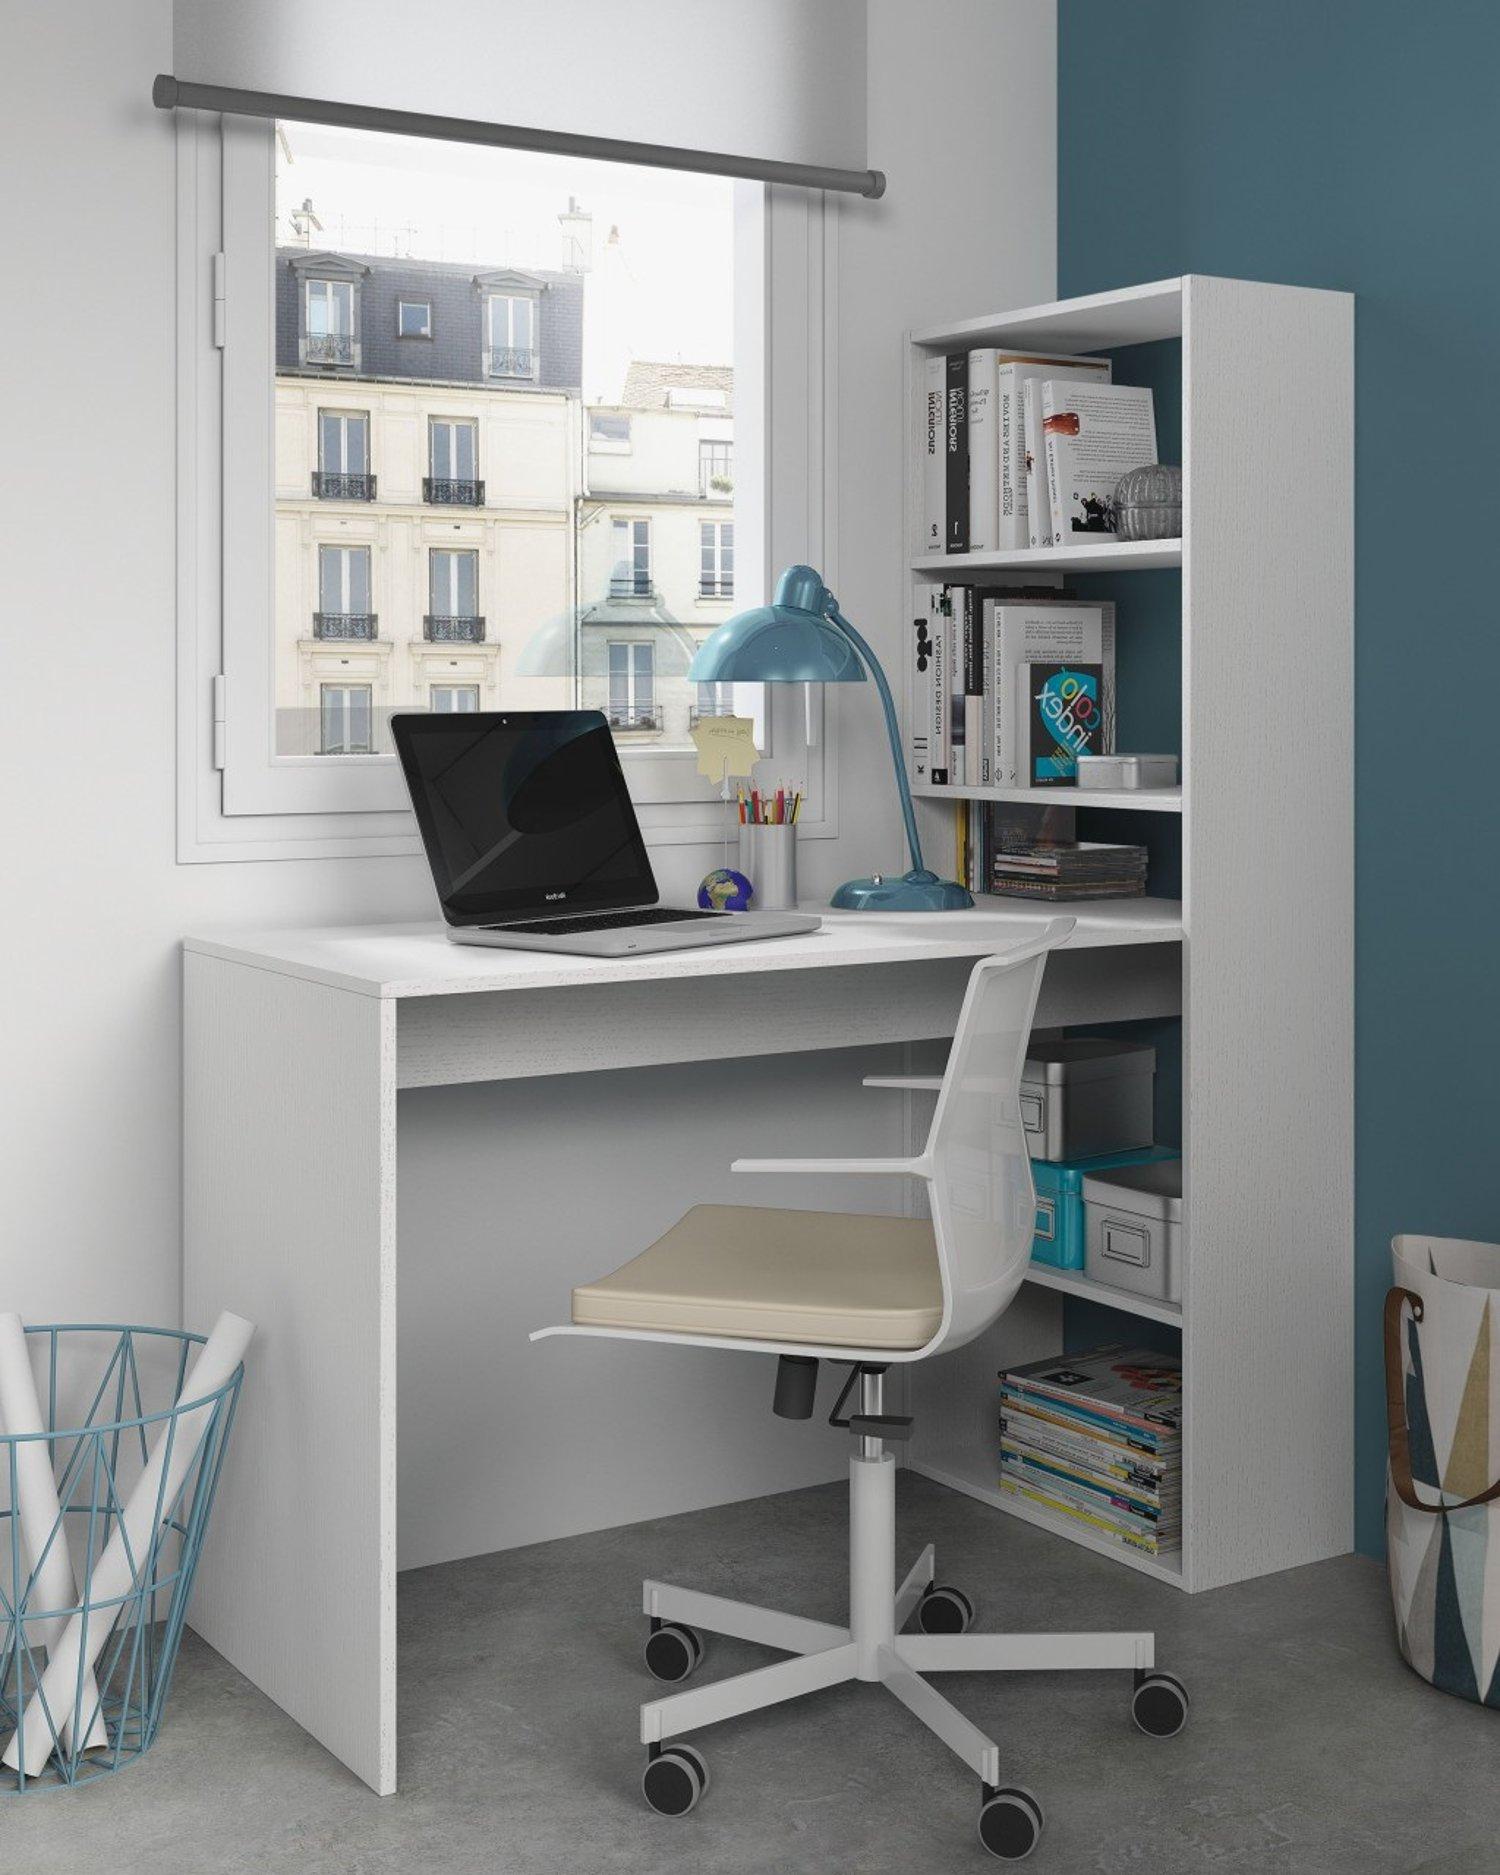 Scrivania jolie scrittoio con libreria bianco frassinato - Libreria angolare ikea ...